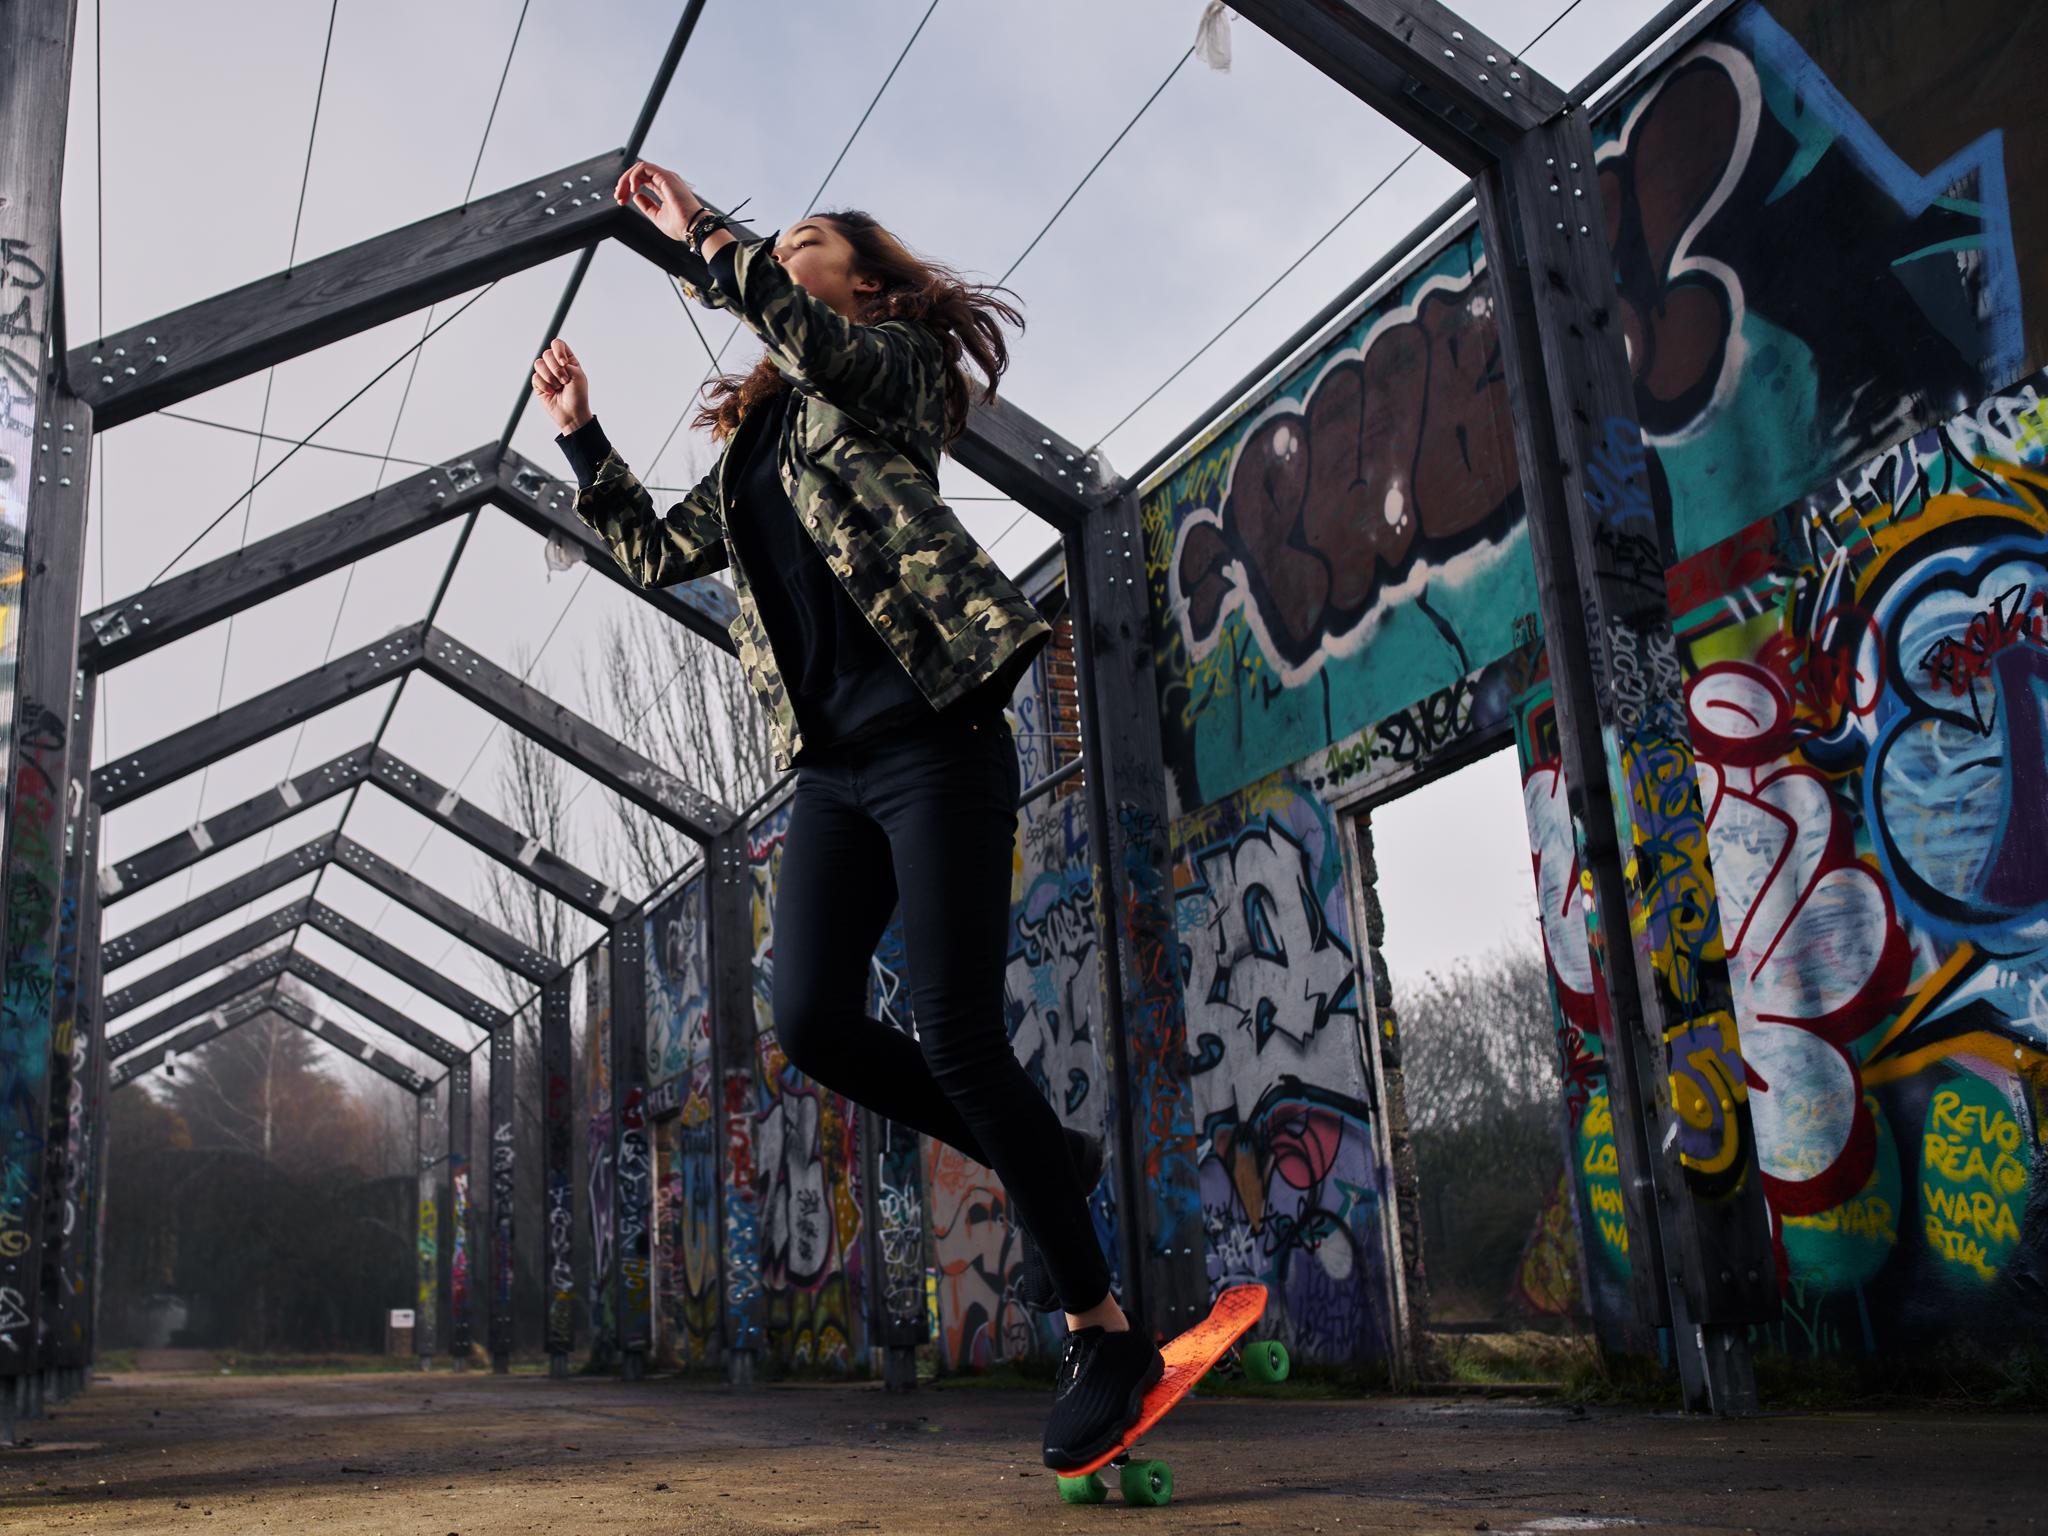 Street Fashion Skateboard